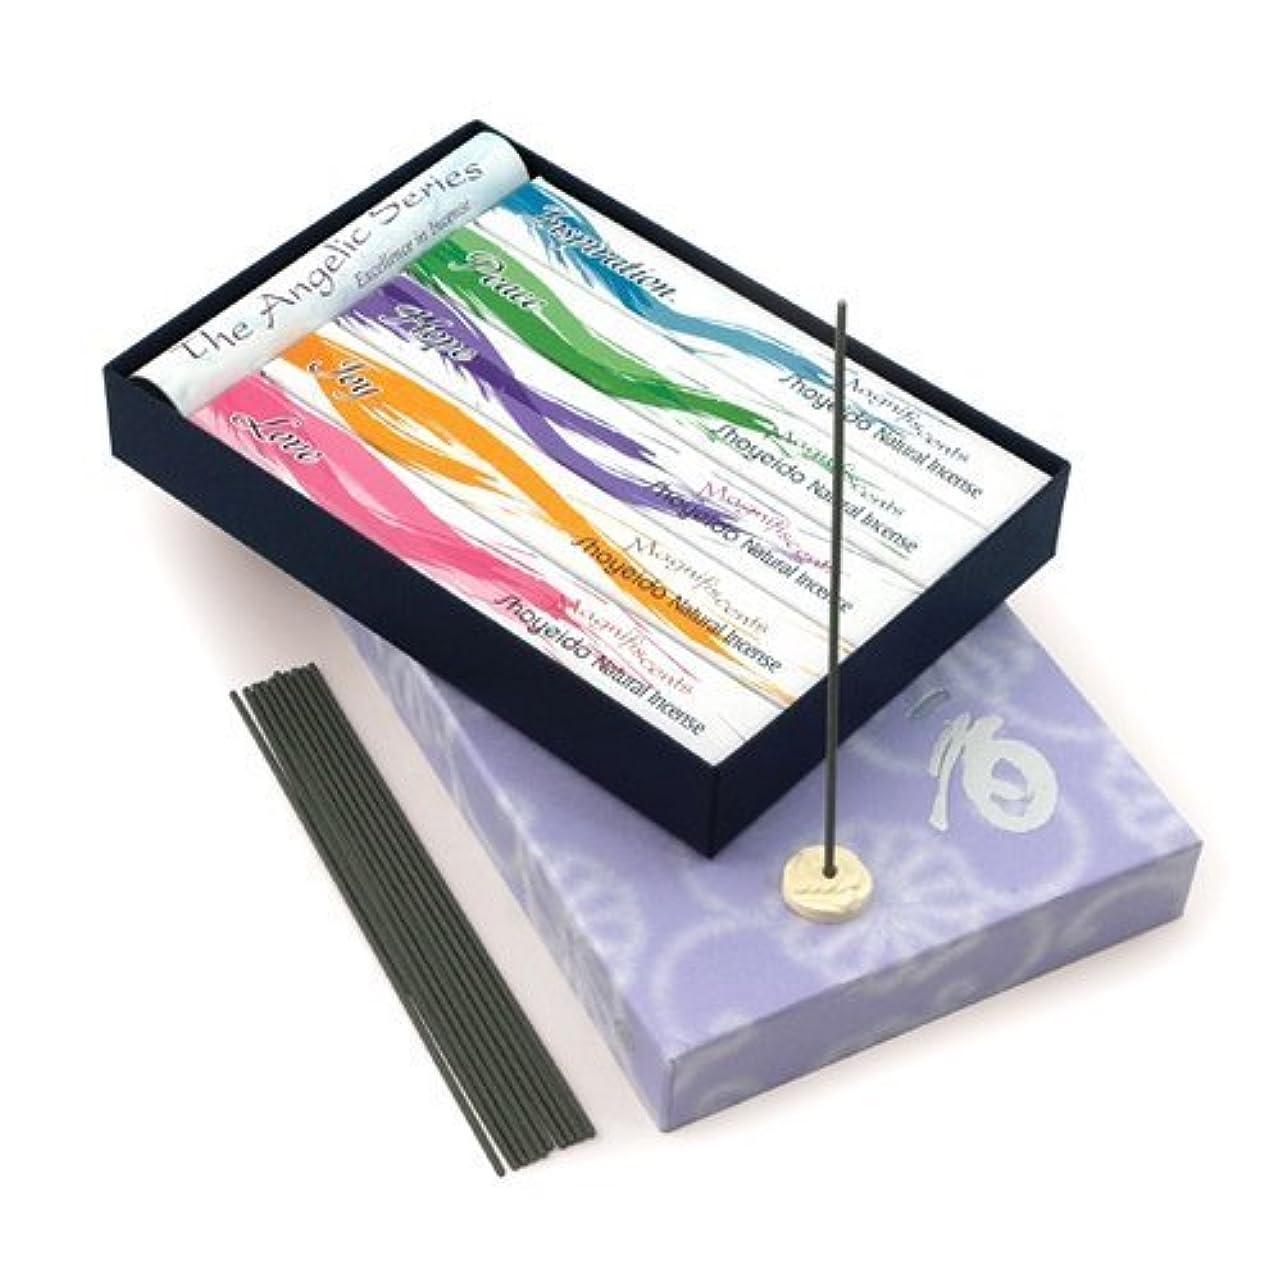 Shoyeido's Angelic Incense 5-Bundle Gift Set by SHOYEIDO